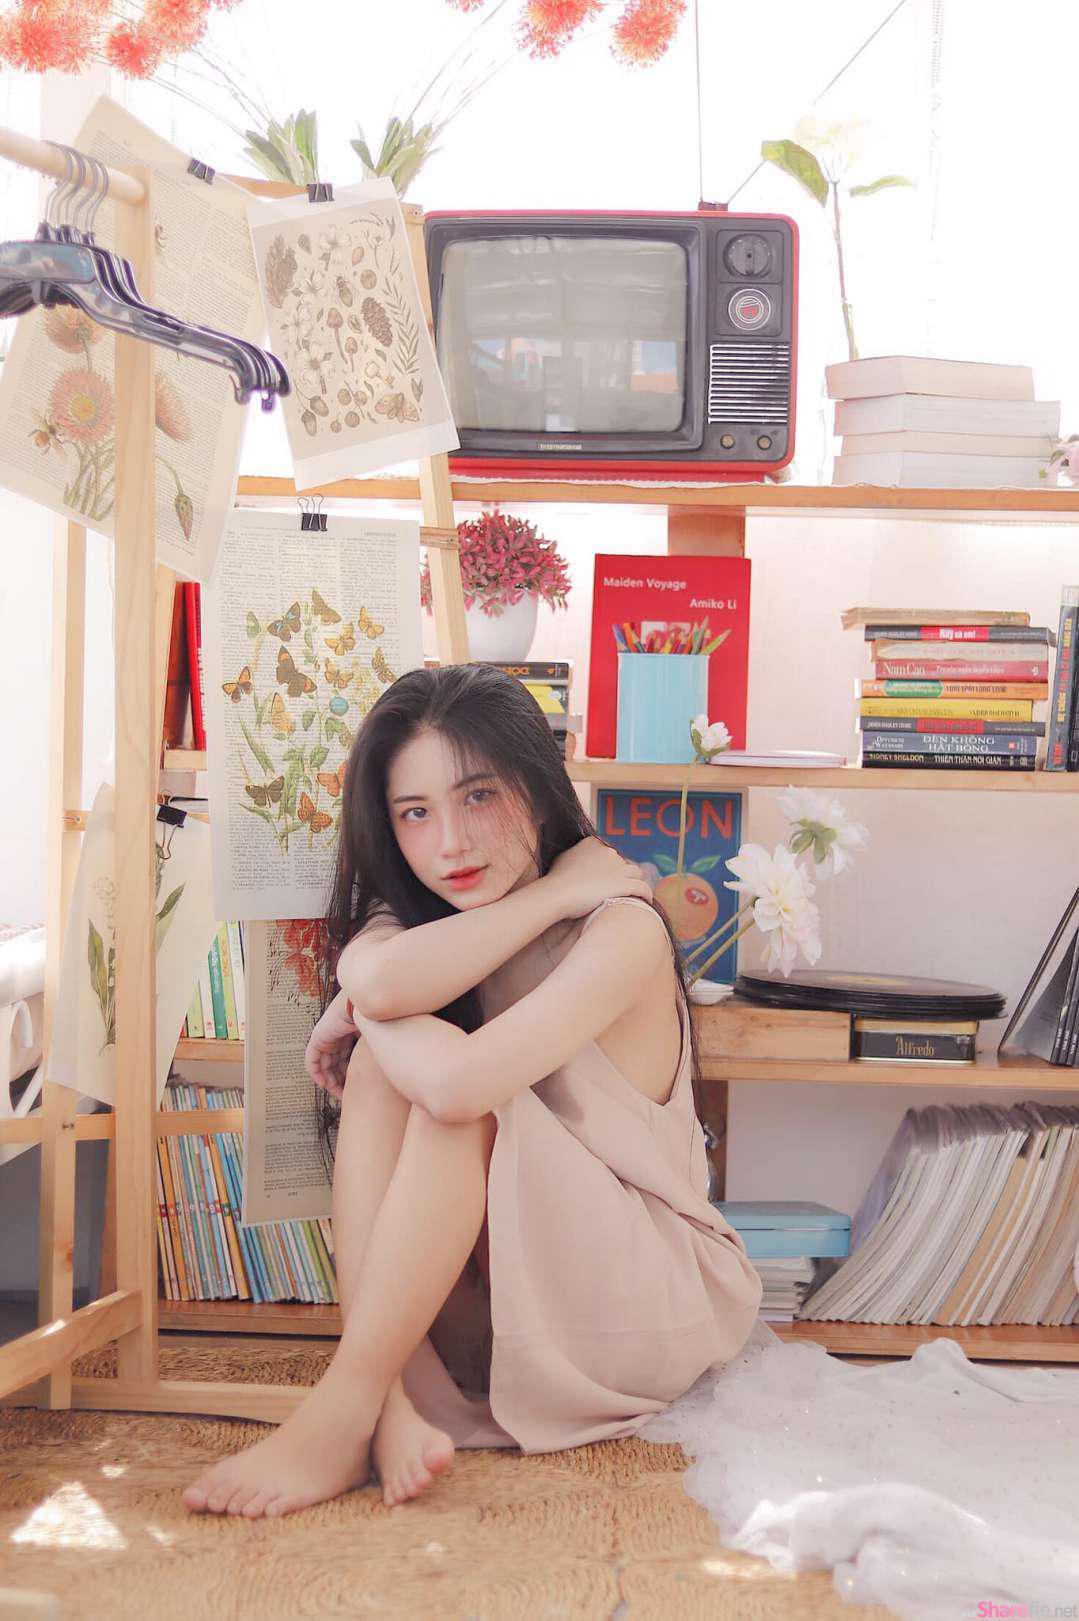 越南妹子,大学生清纯唯美风格插图(5)